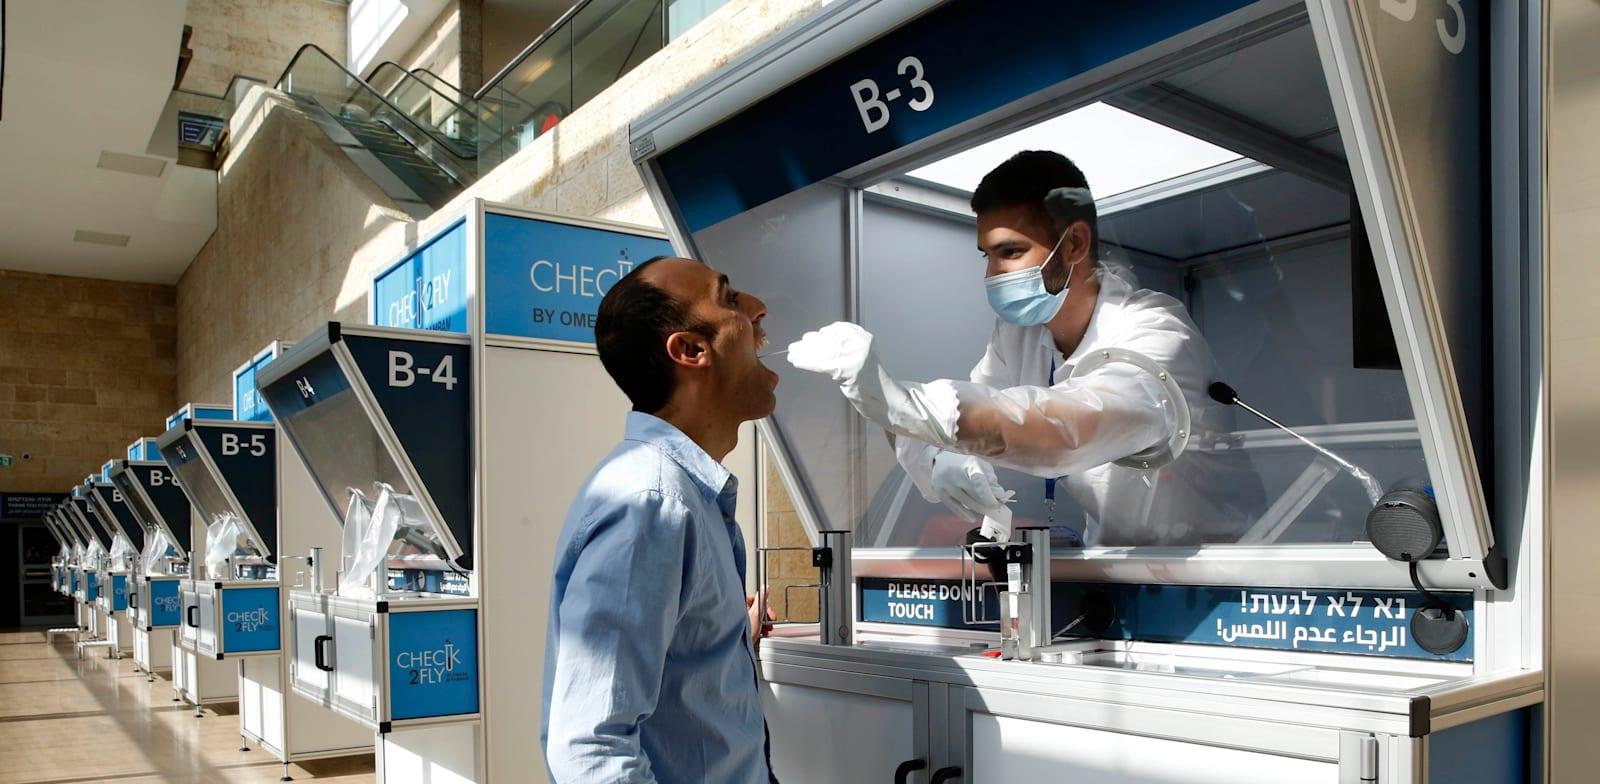 """עמדת בדיקה בנתב""""ג. החיסונים כנראה לא יפטרו אותנו מהצורך בבדיקות מדי פעם / צילום: Shutterstock"""